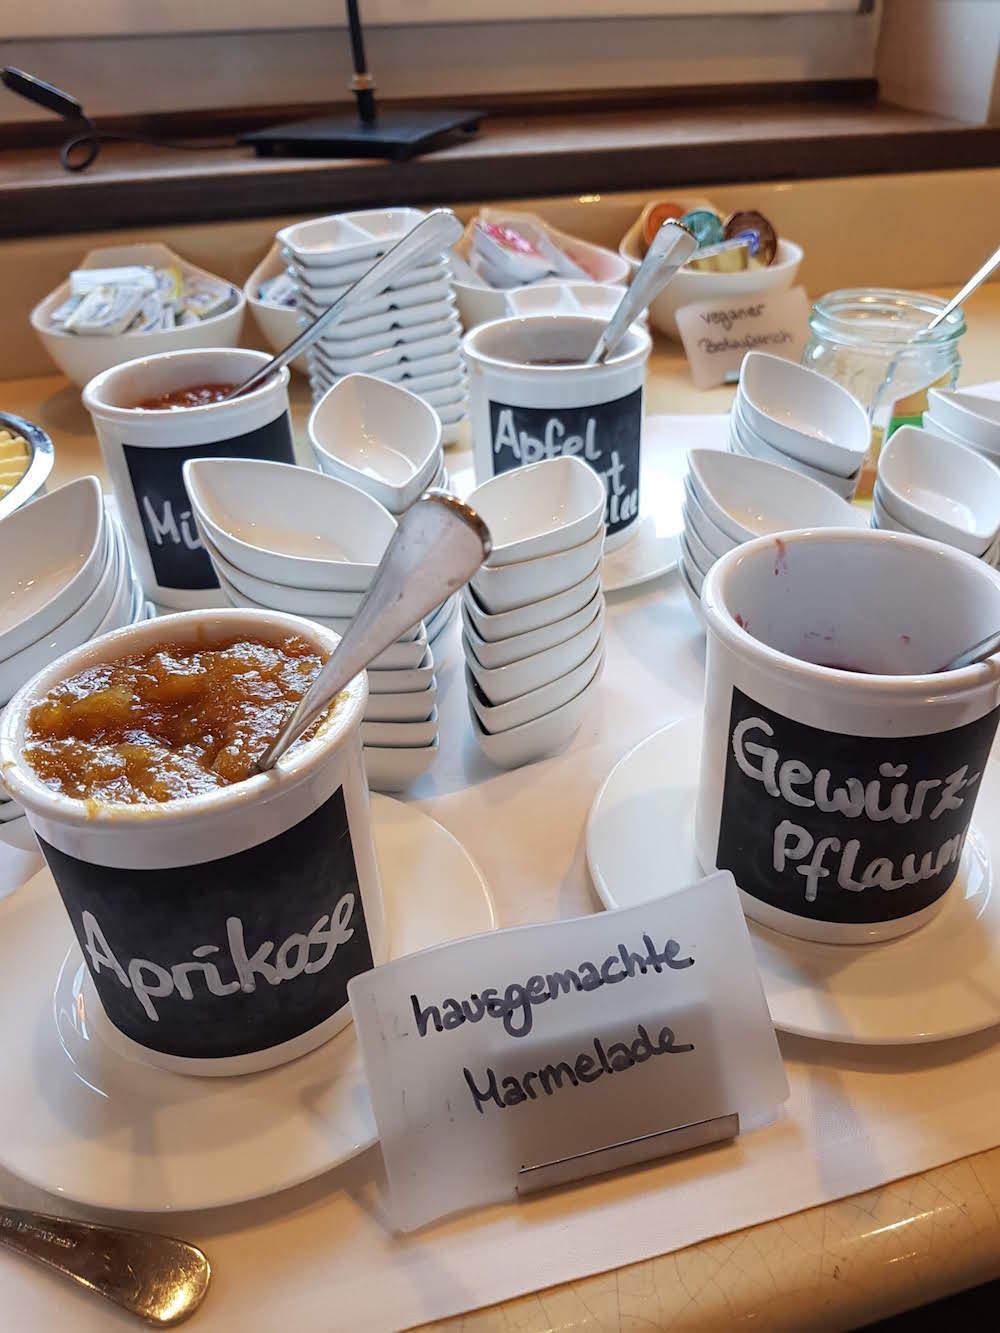 Zum Frühstück gibt es im Hotel Sonne hausgemachte Marmeladen